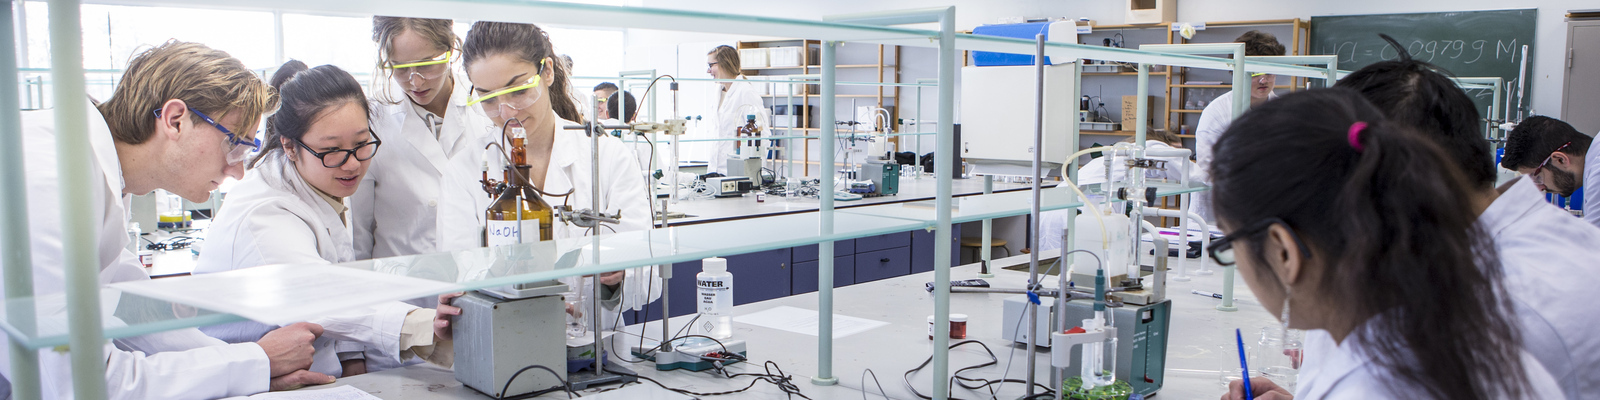 Bio-inspired innovation (26 maart)